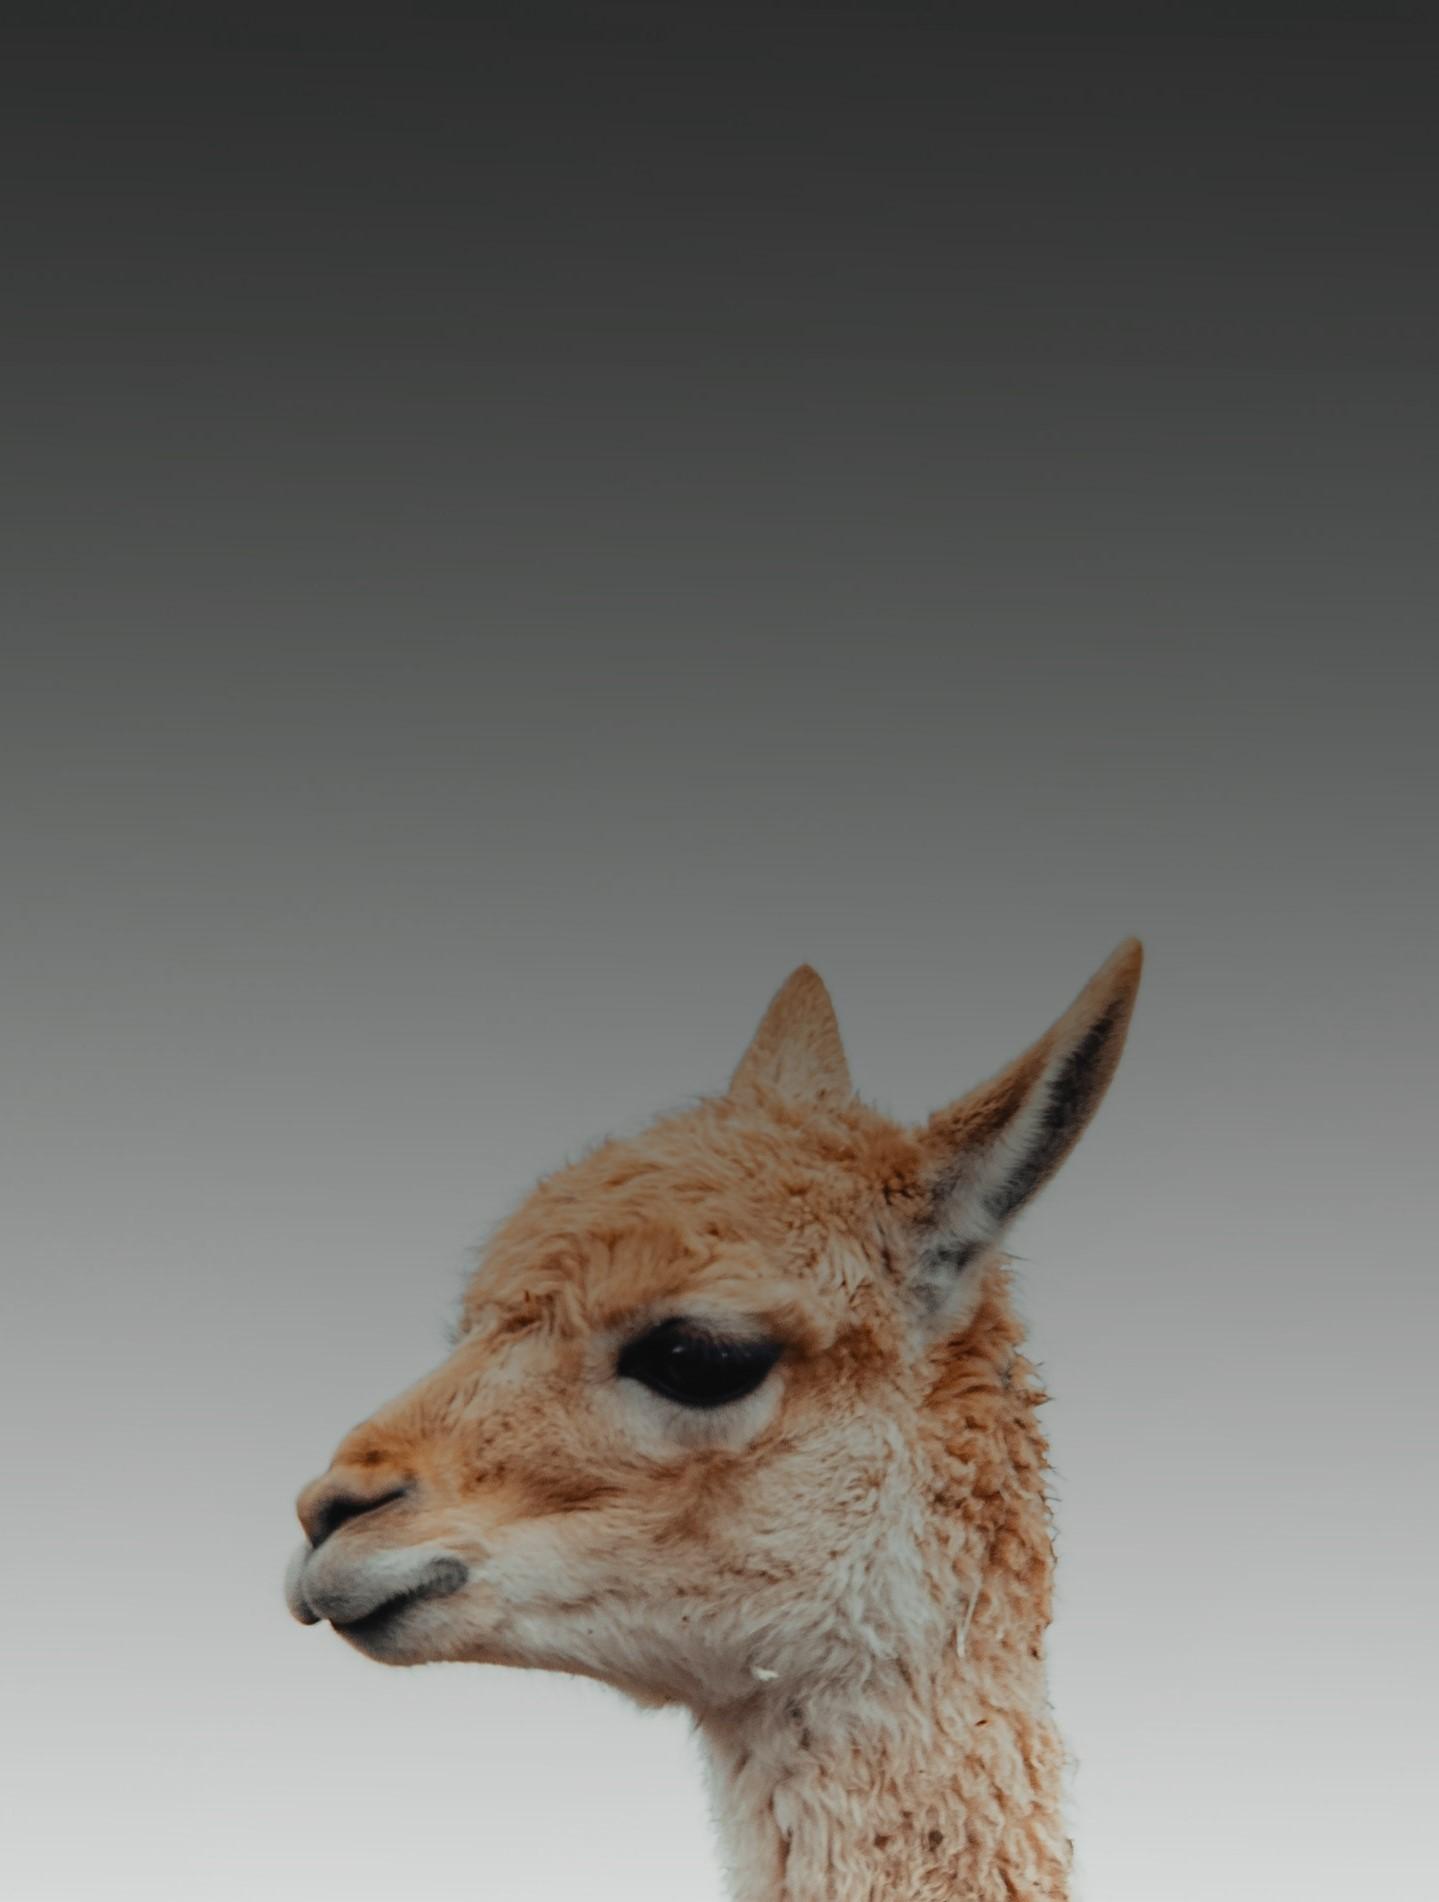 На картинке изображена лама